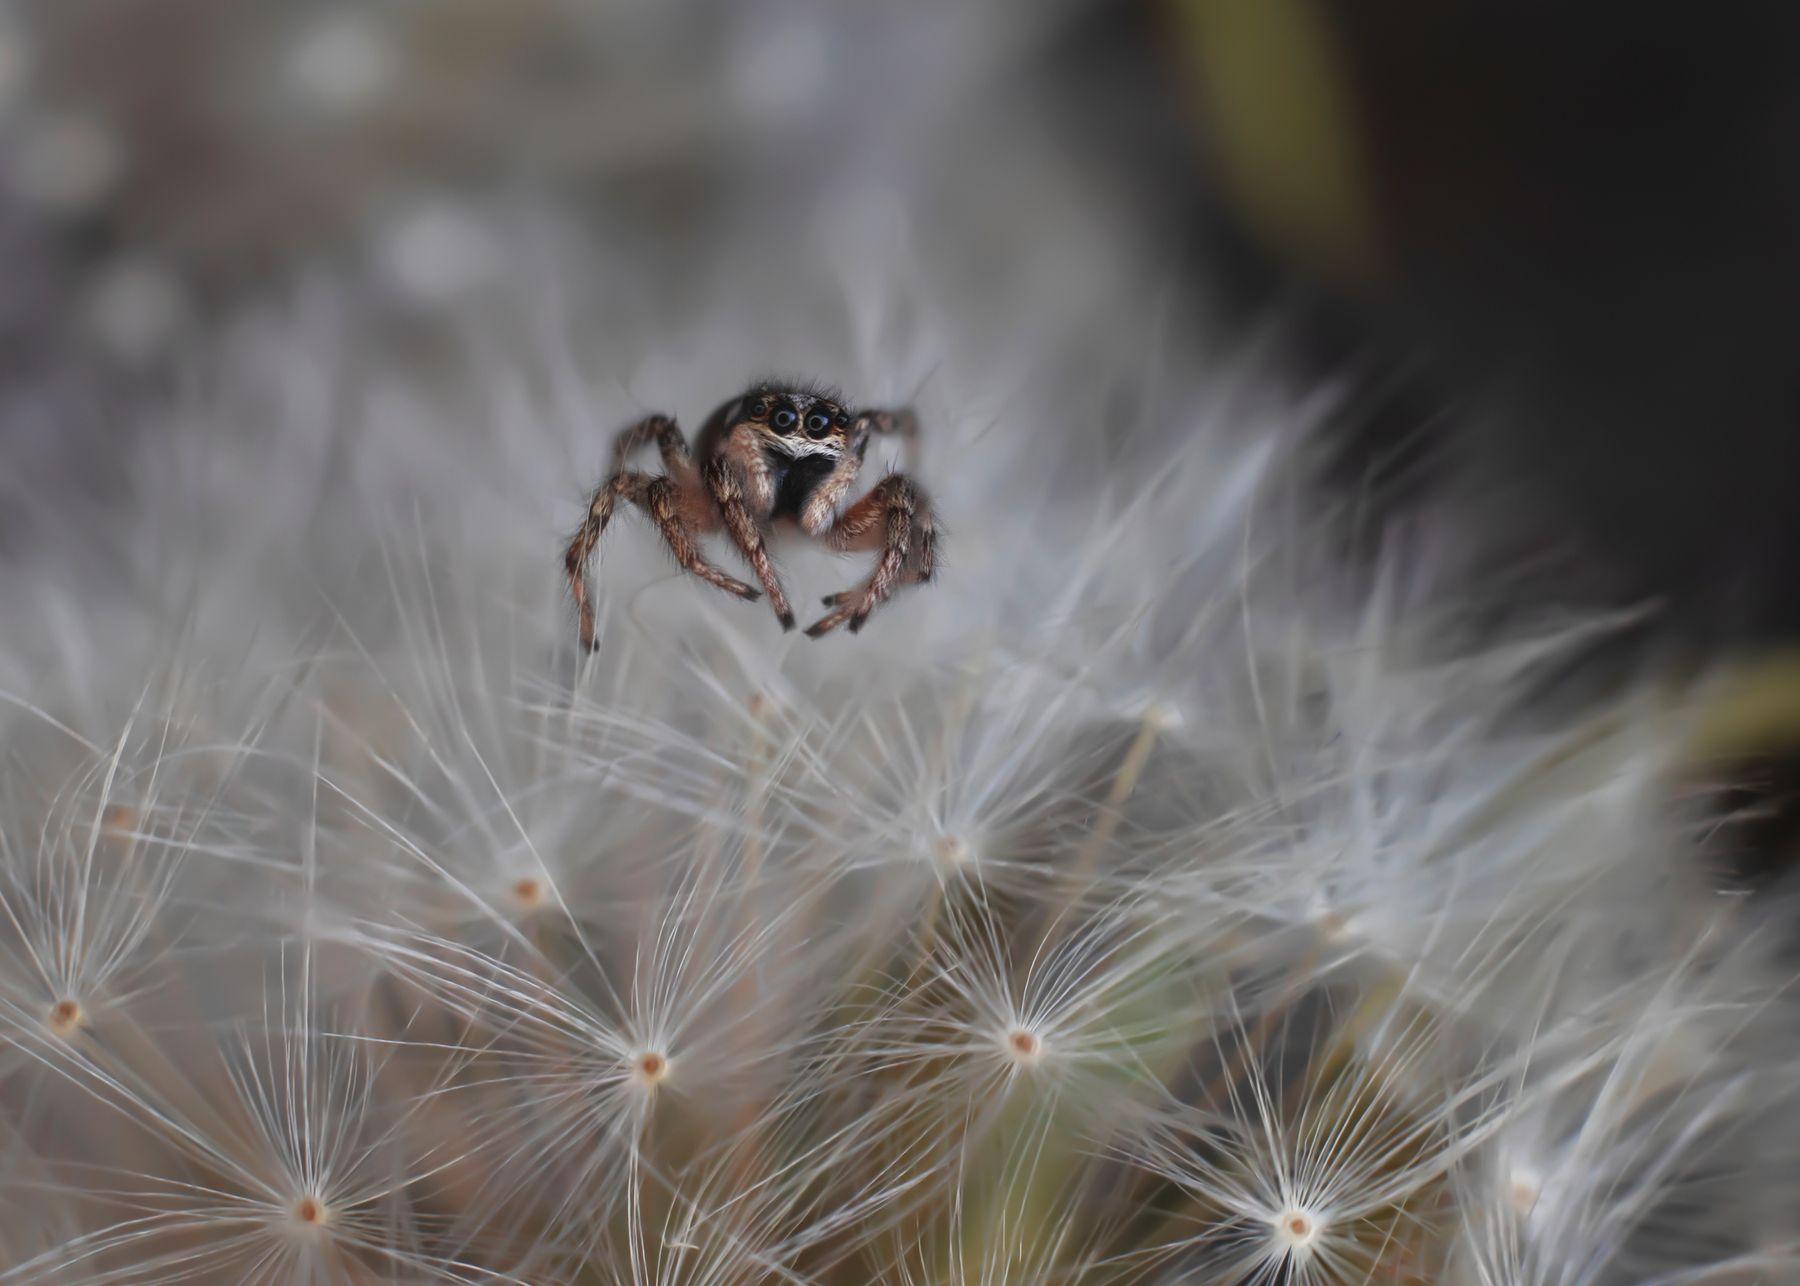 глазастик паук скакун одуванчик макро